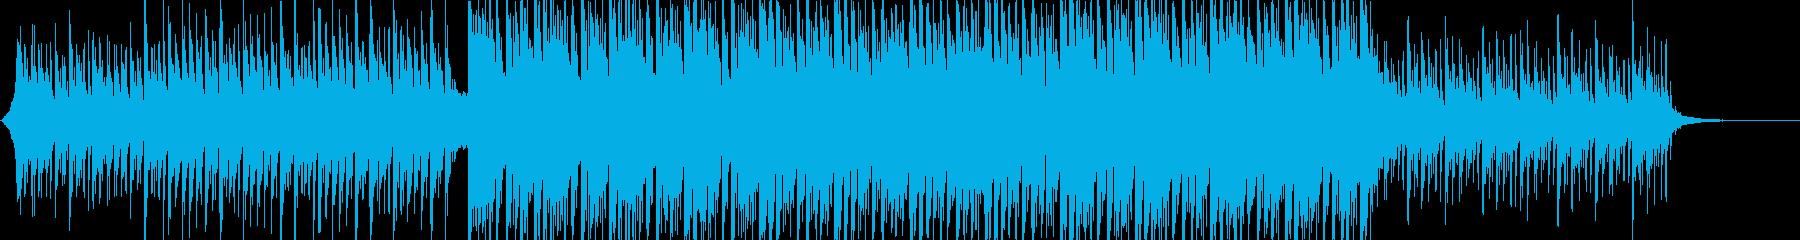 爽やかで前向きなコーポレートBGMの再生済みの波形